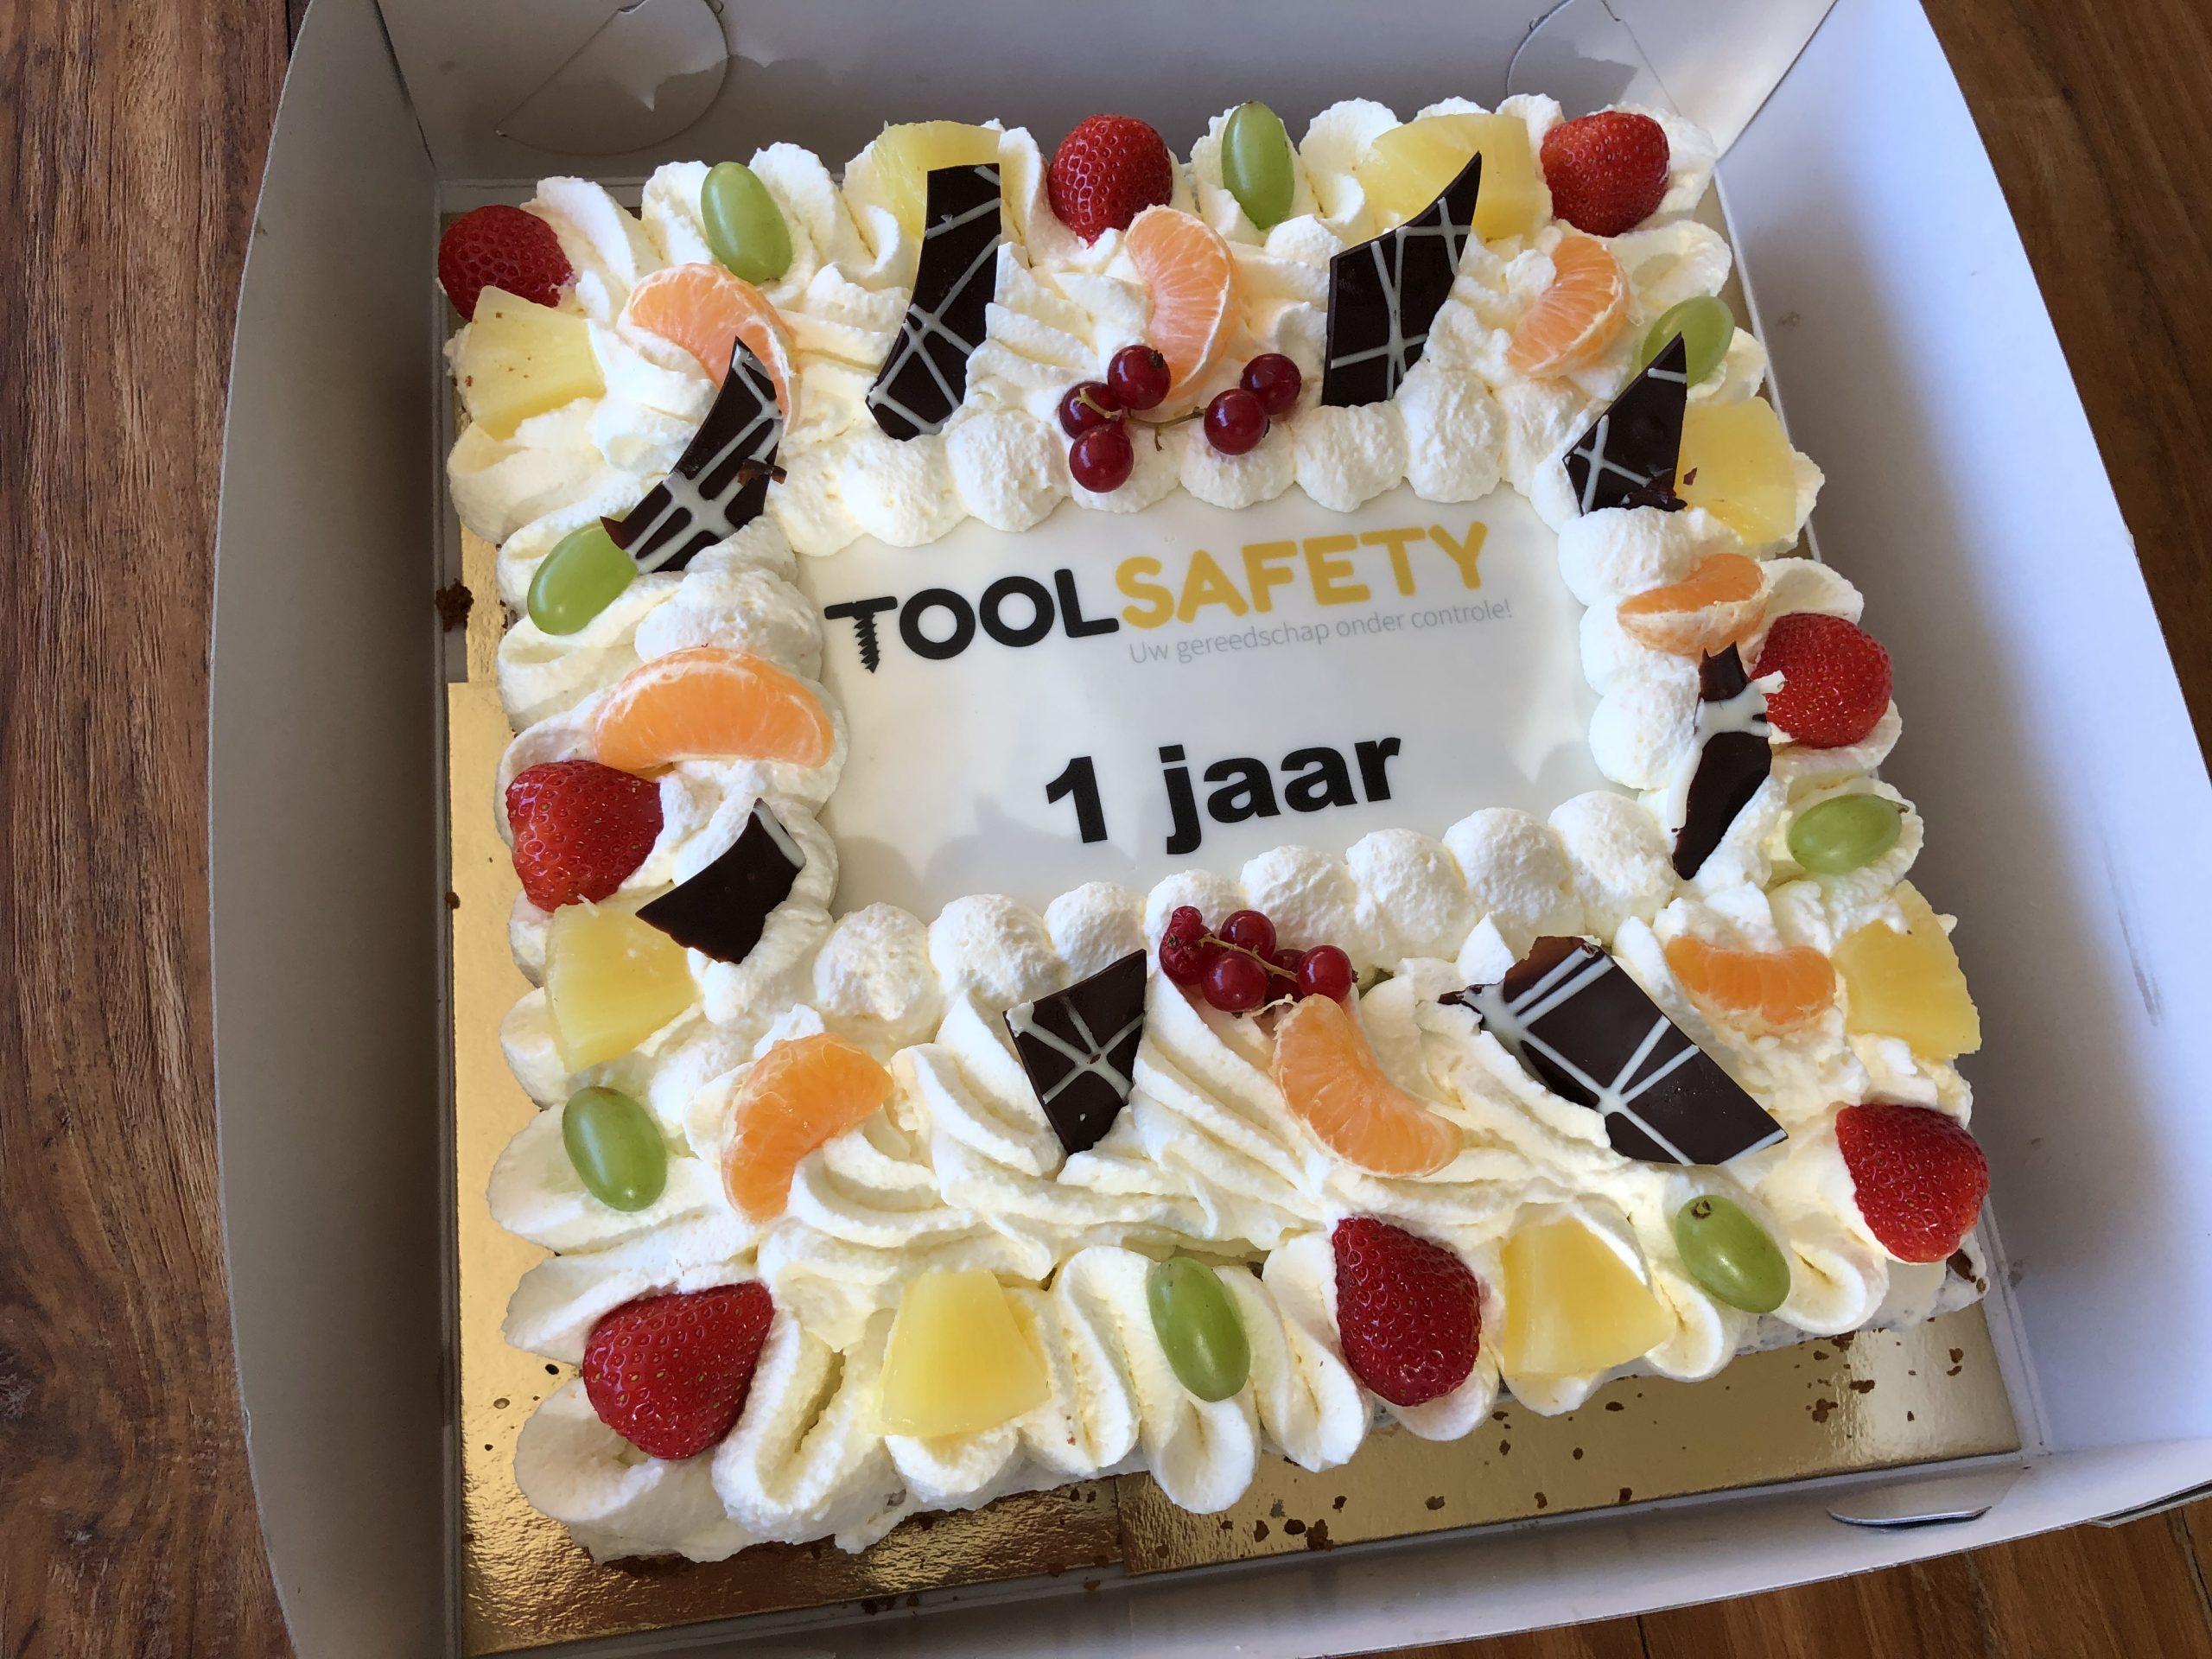 ToolSafety bestaat alweer 1 jaar!